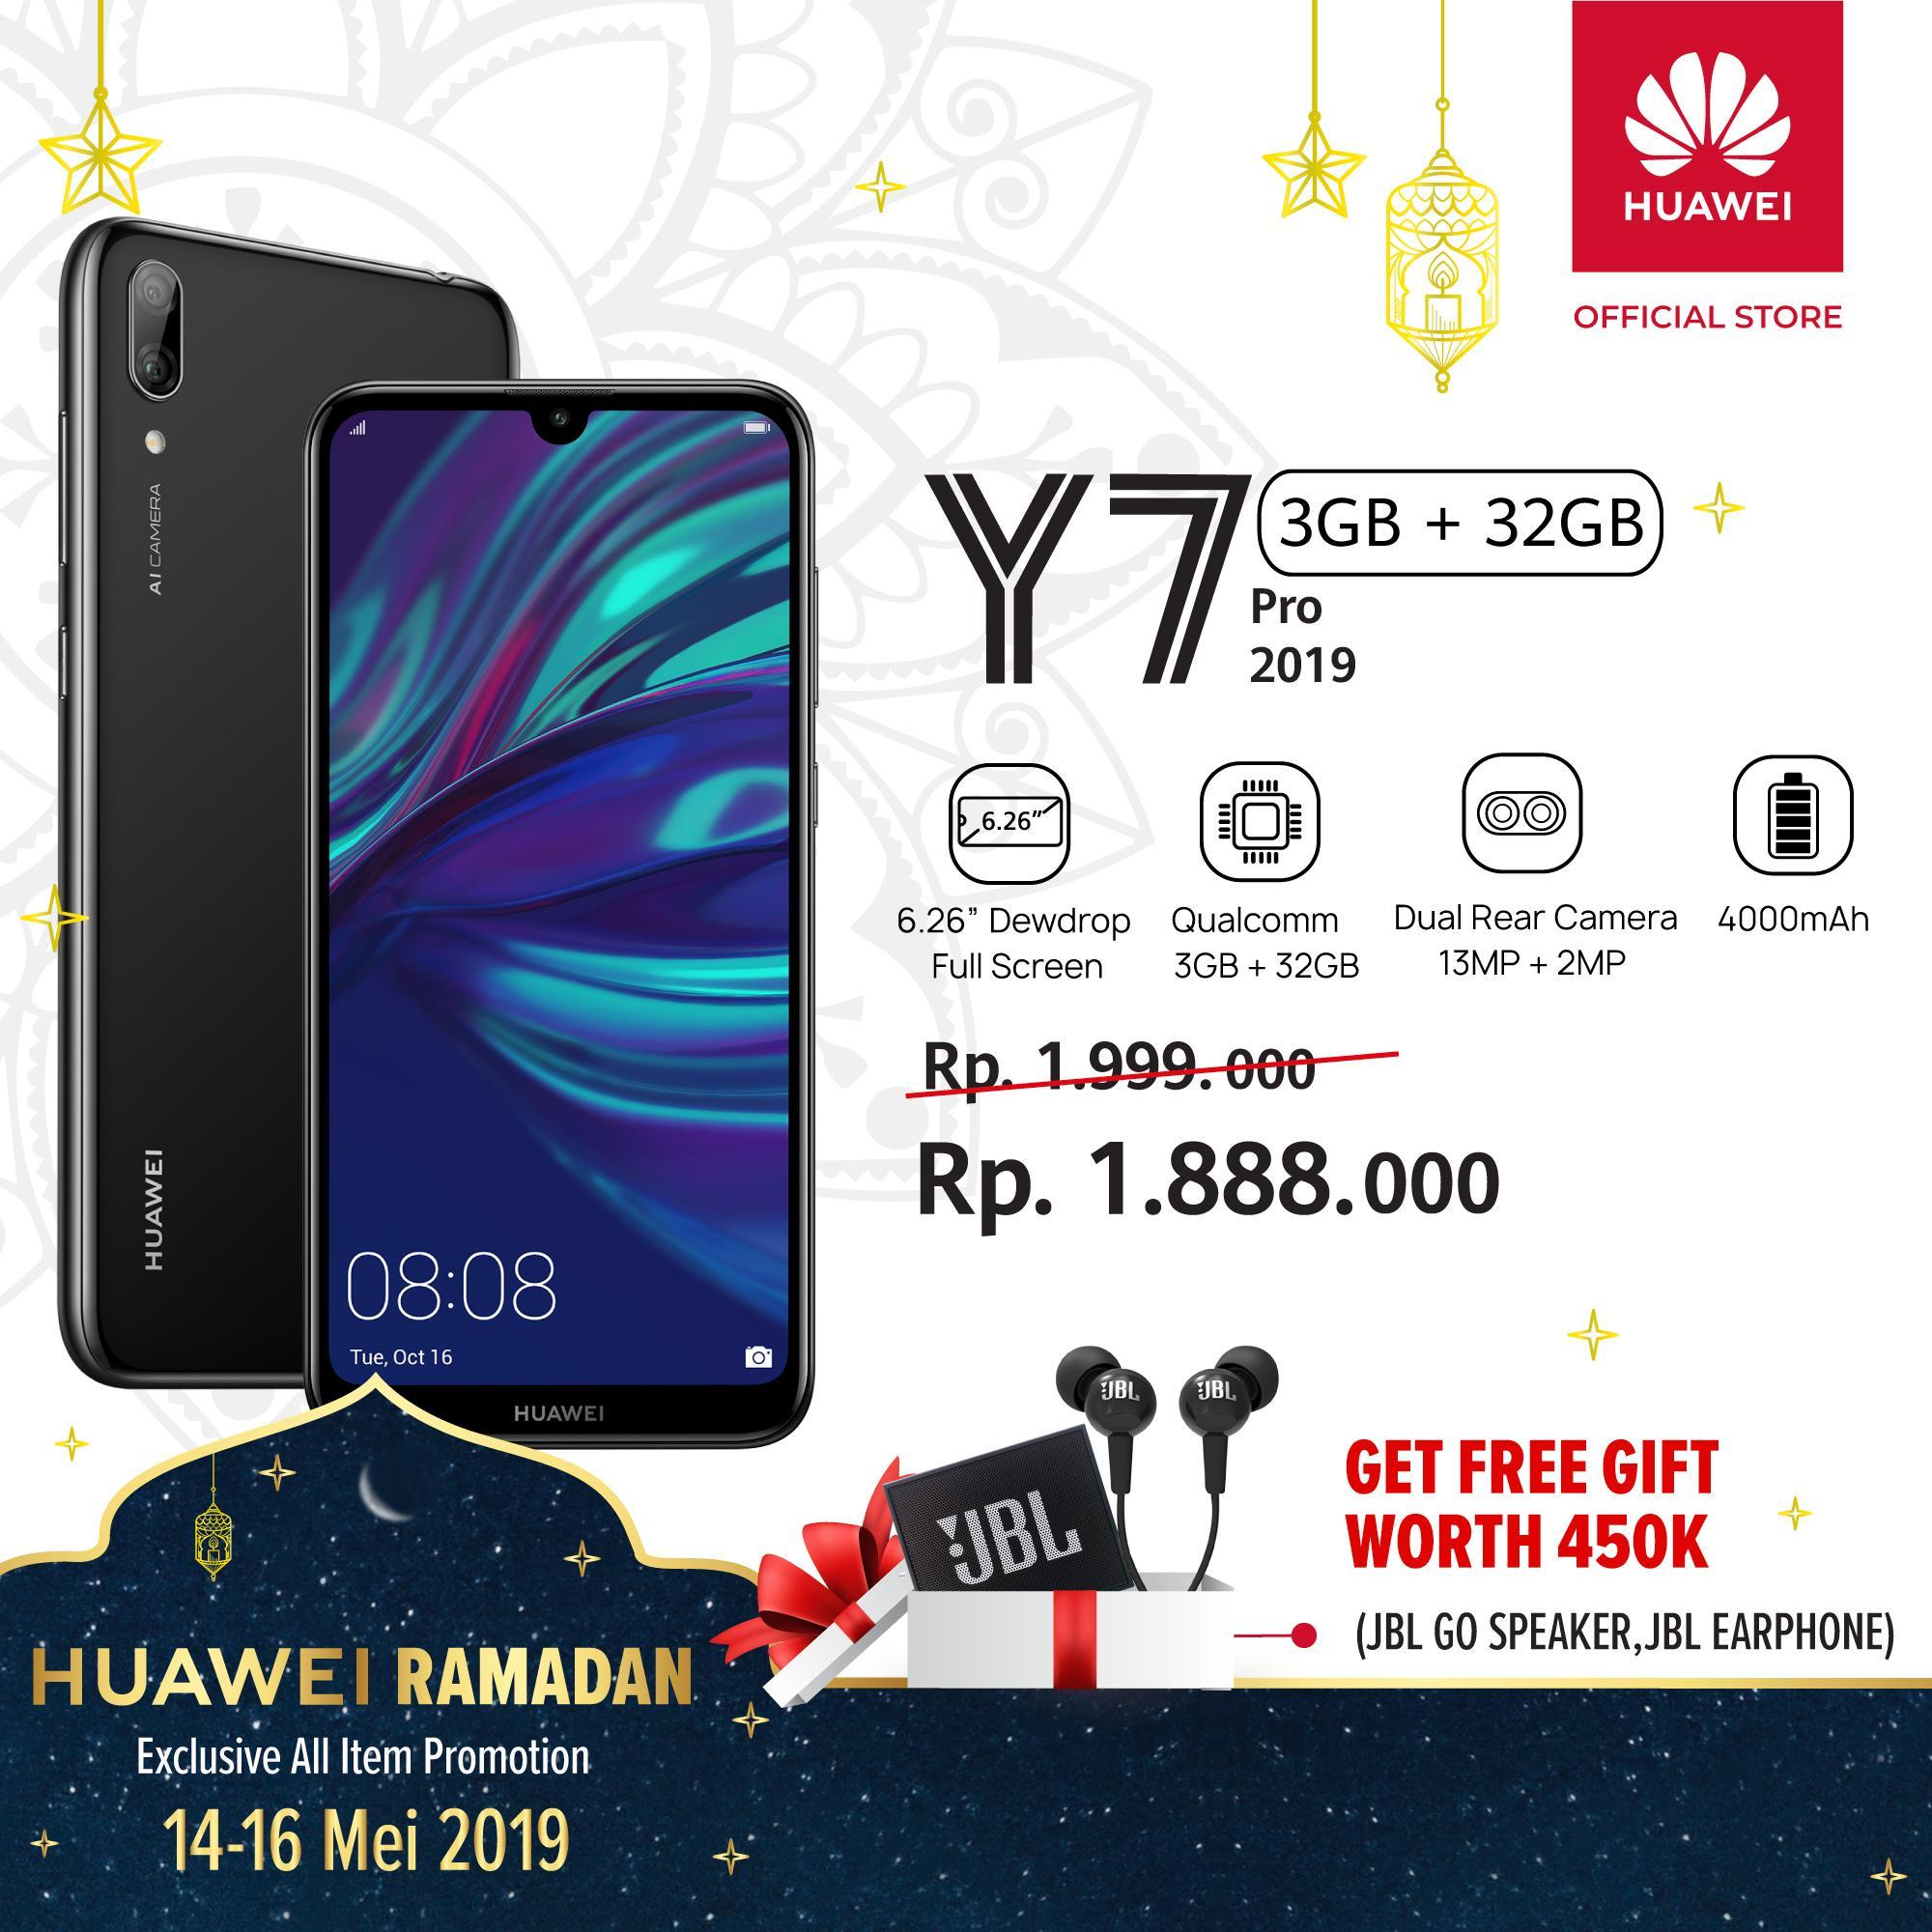 【Huawei Ramadan】Huawei Y7 Pro 2019 Free JBL Go Speaker & JBL Earphone